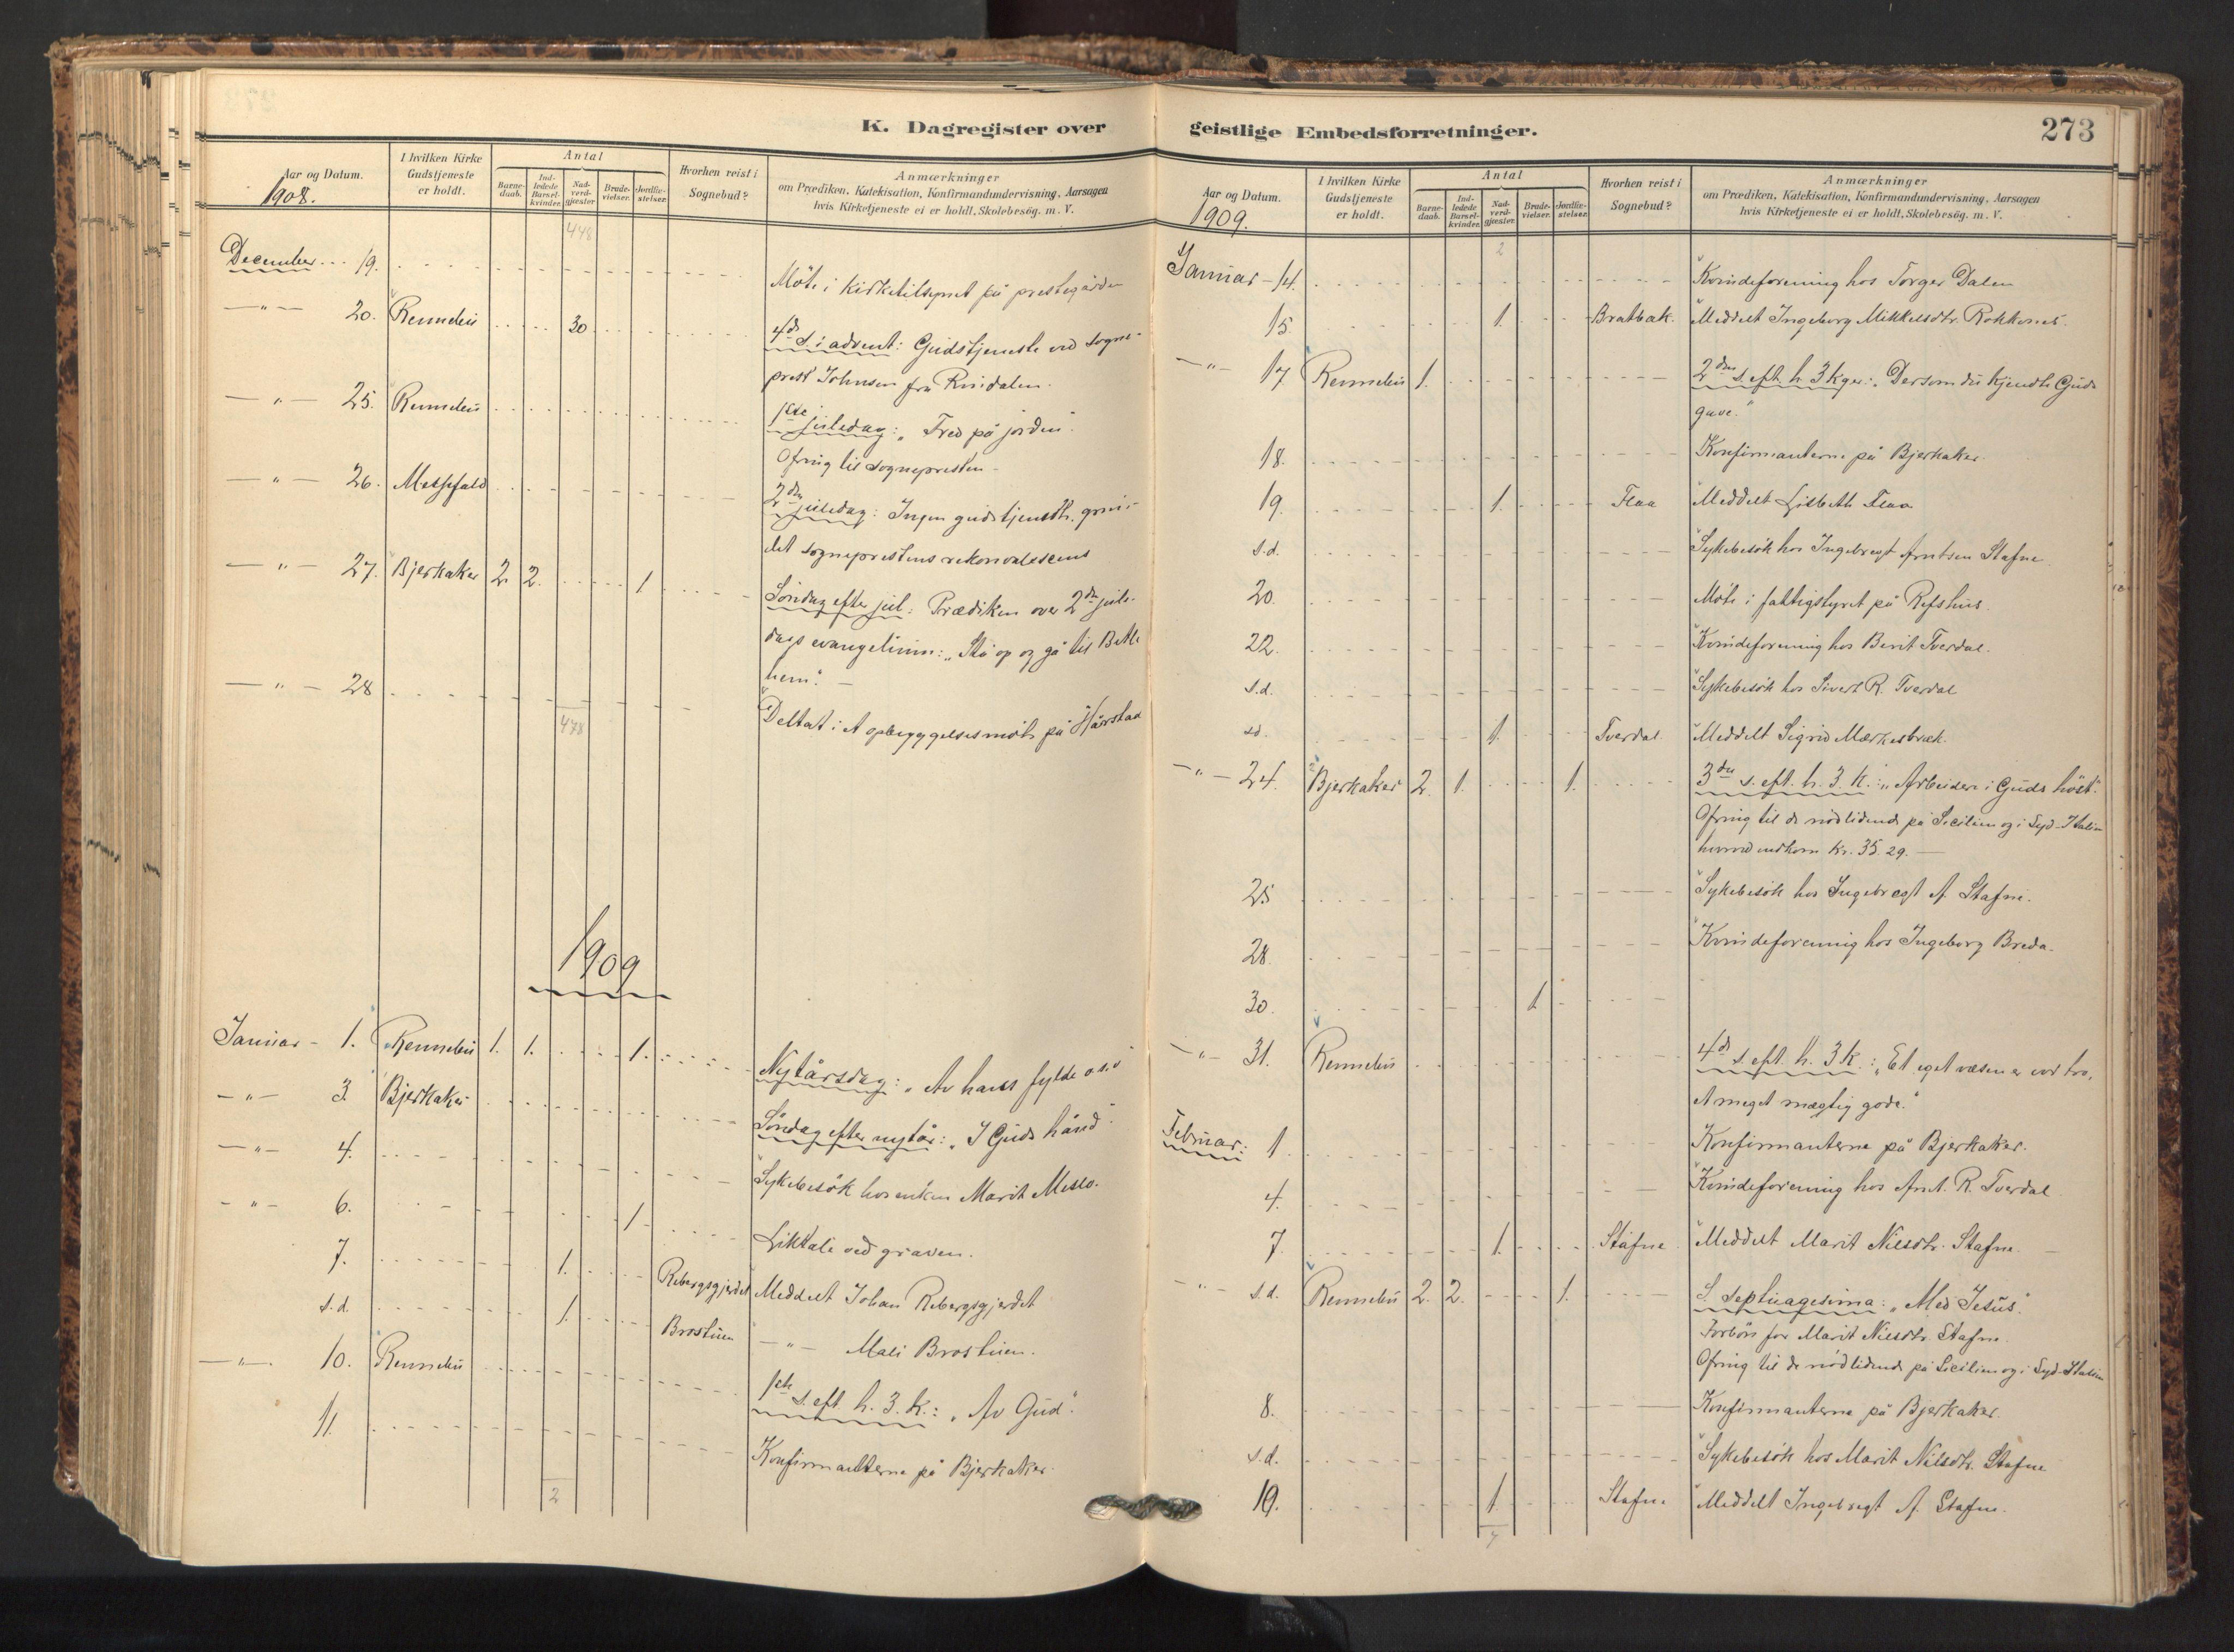 SAT, Ministerialprotokoller, klokkerbøker og fødselsregistre - Sør-Trøndelag, 674/L0873: Ministerialbok nr. 674A05, 1908-1923, s. 273